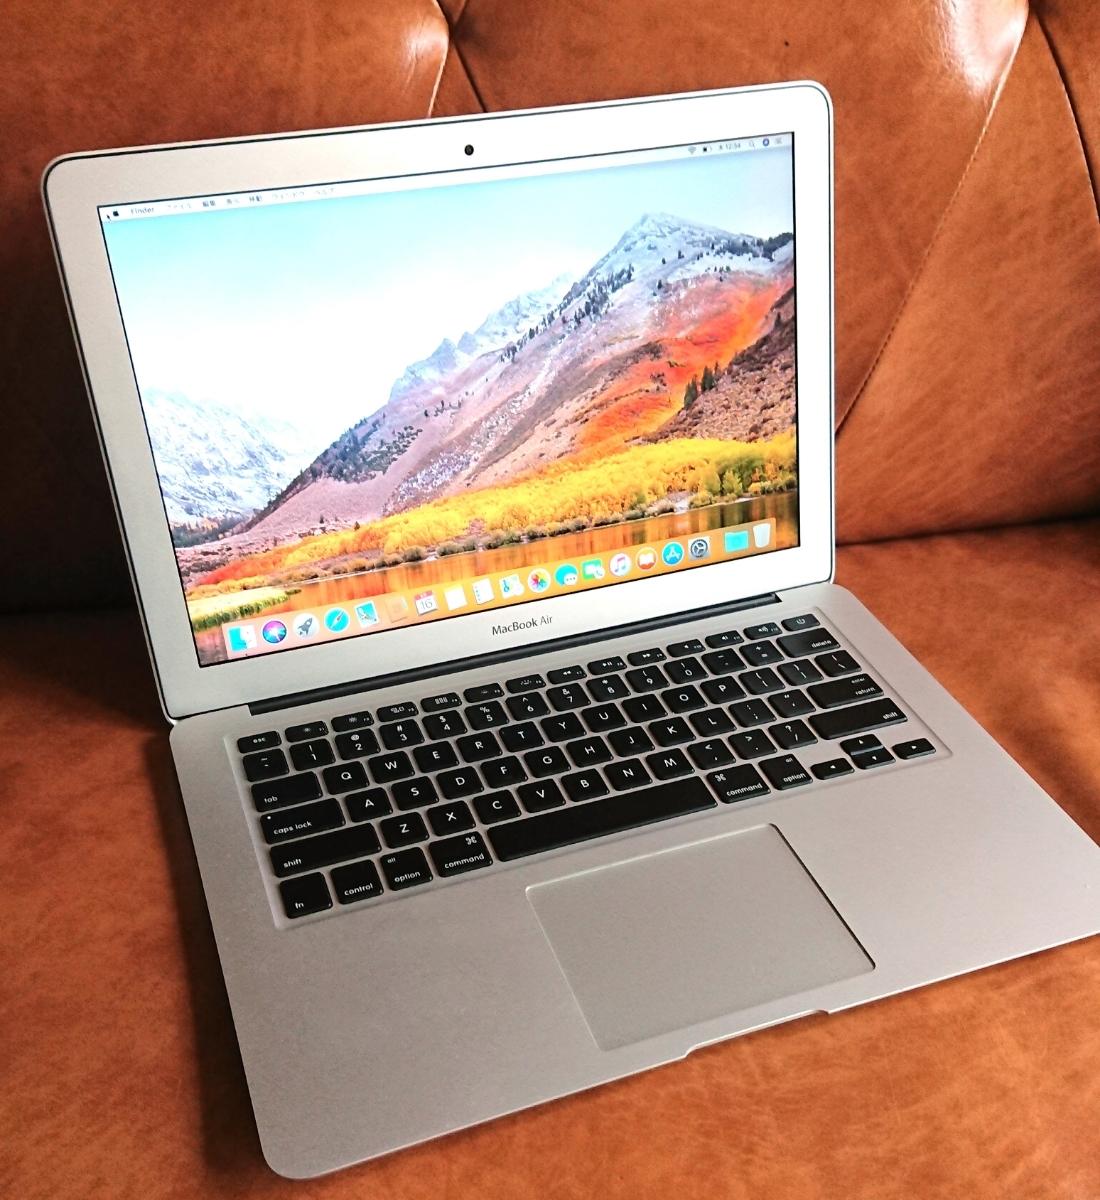 MacBook Air 13インチ【Mid 2012】US(英語)キーボード/i5 1.8GHz/メモリ 8GB/SSD 128GB/新品バッテリー/HD Graphics 4000